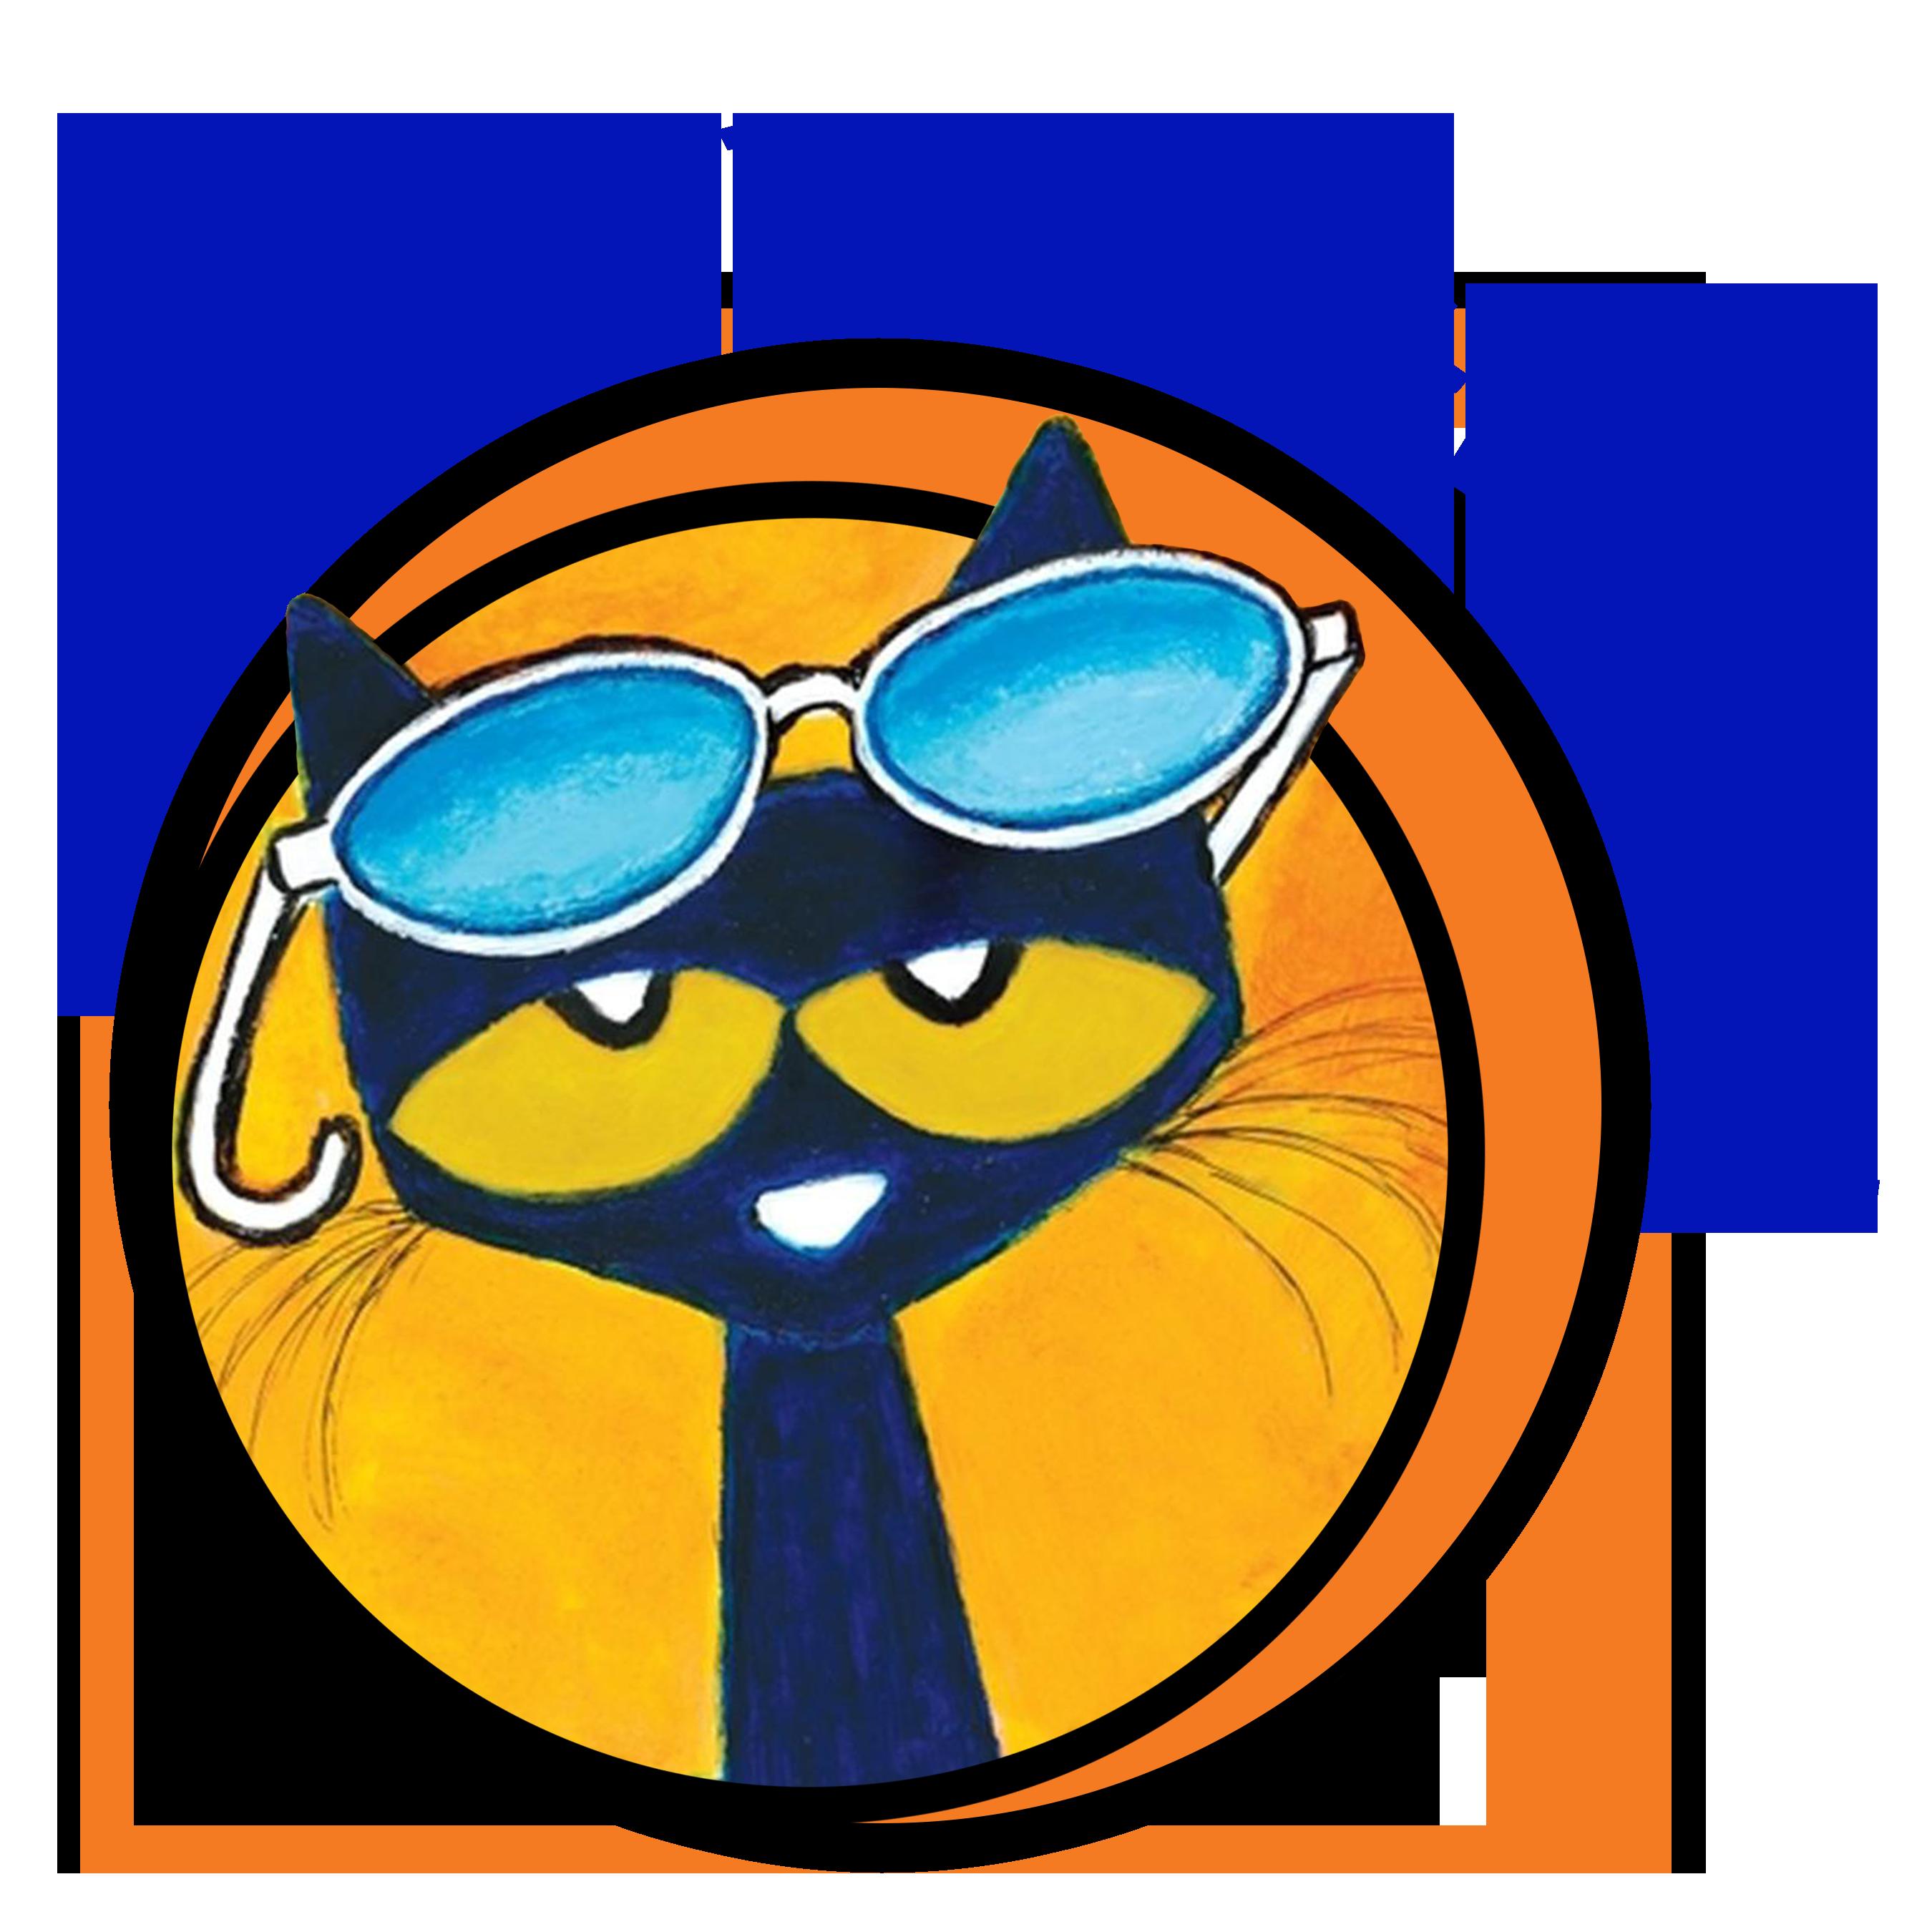 meet pete the cat